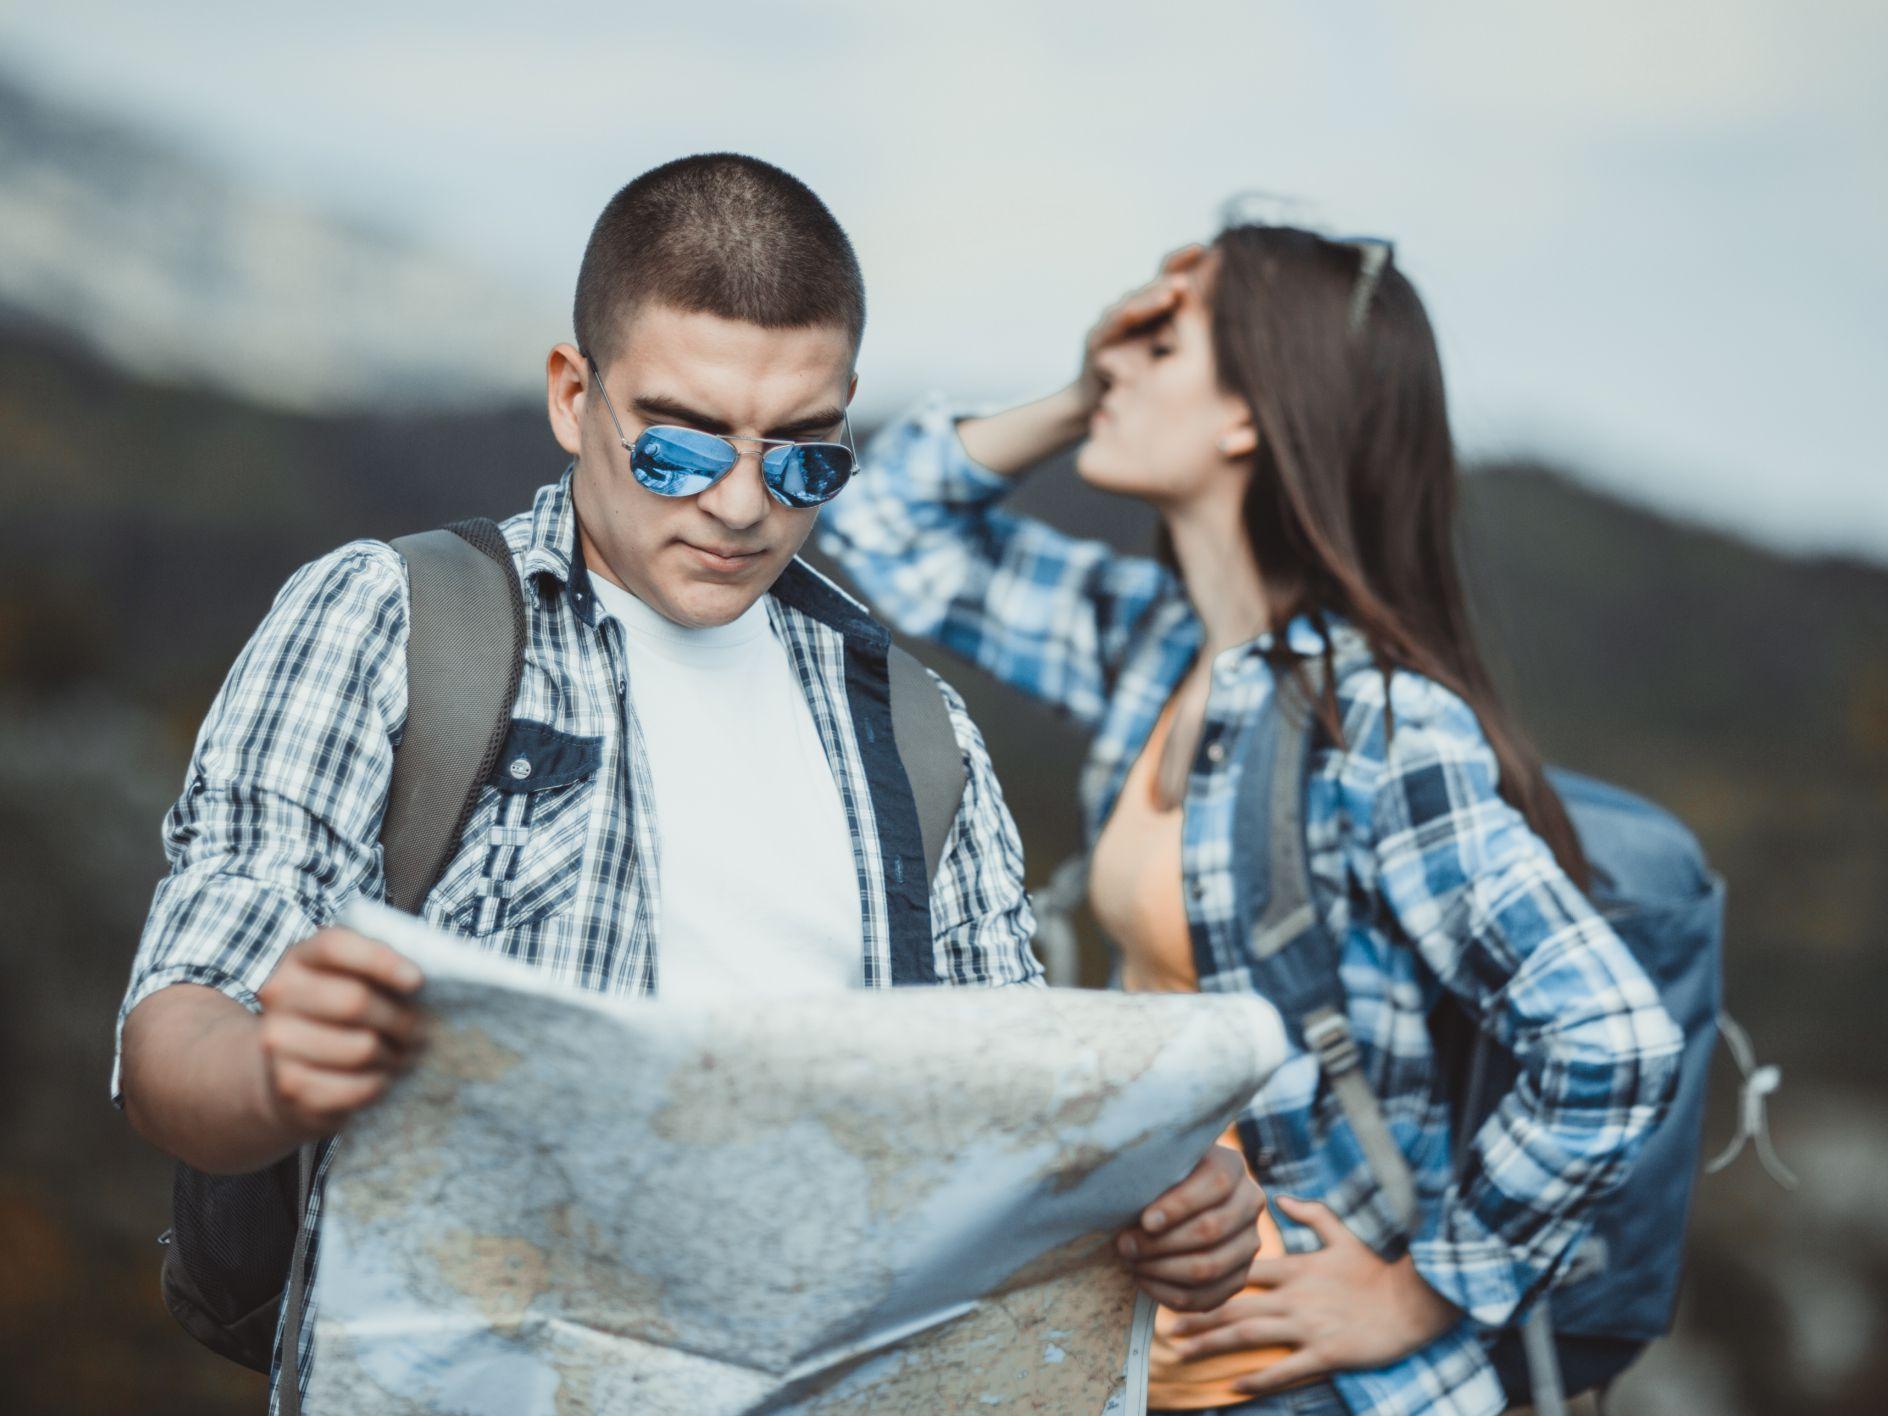 What Should You Do if You're Not Enjoying Travel?